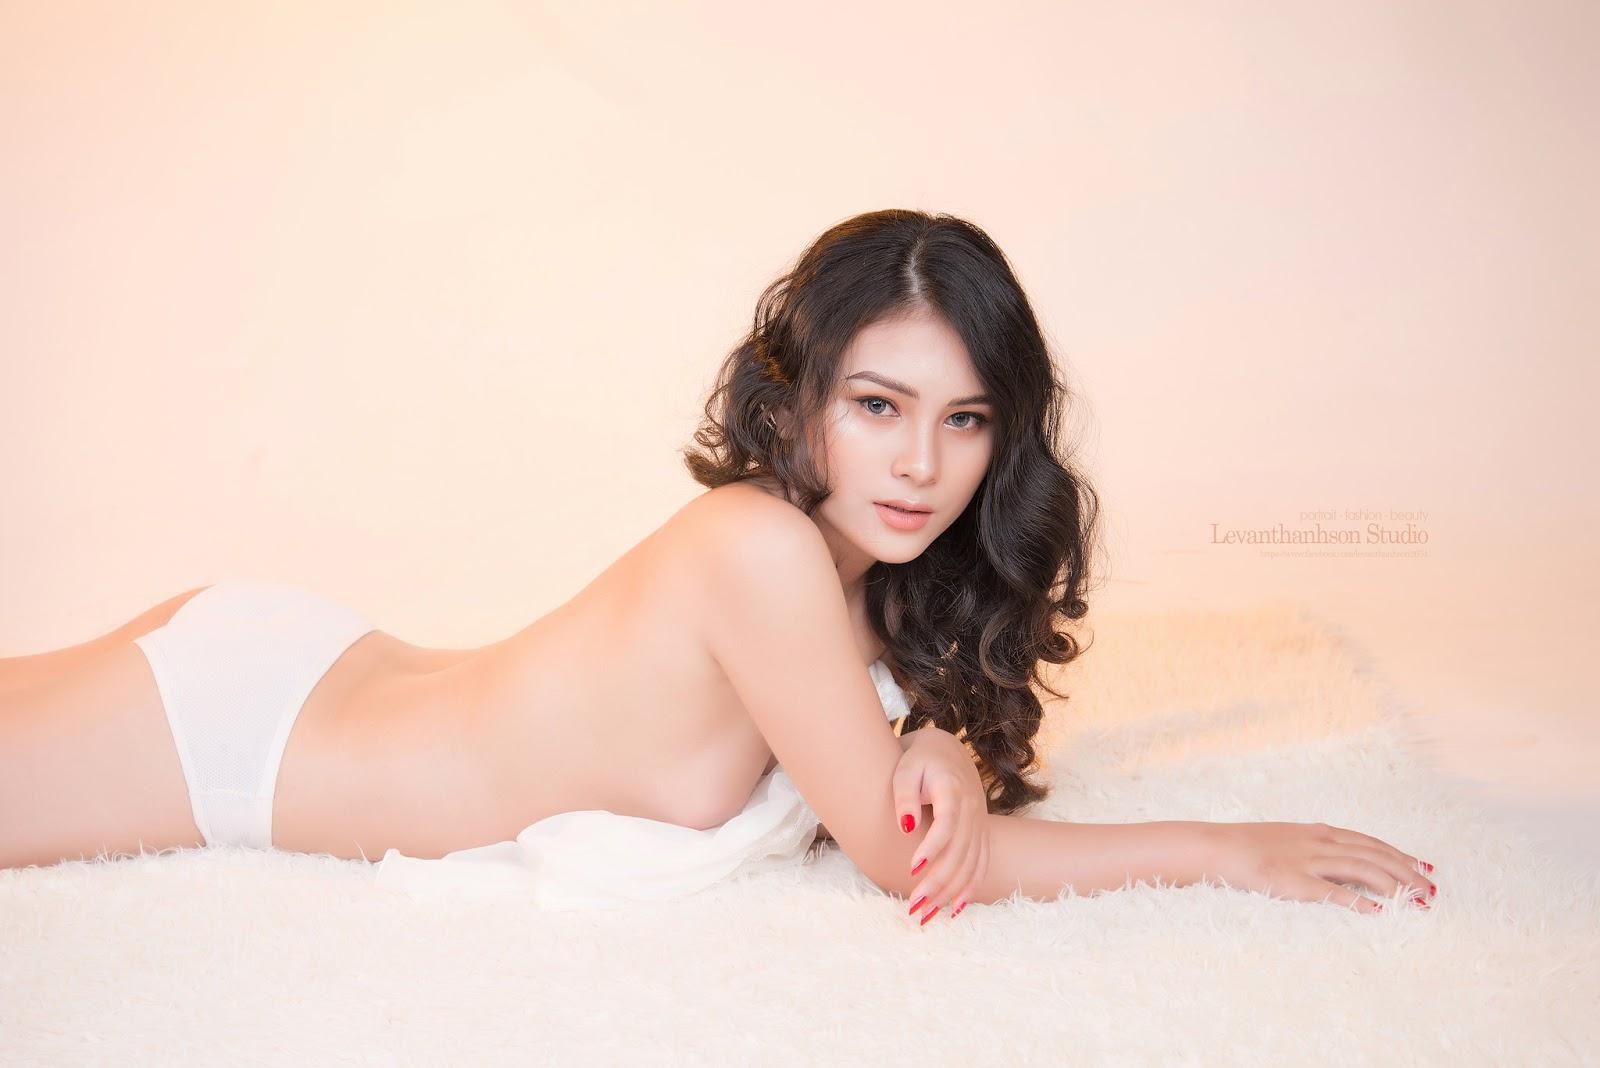 Model Thảo lê chụp bán nude